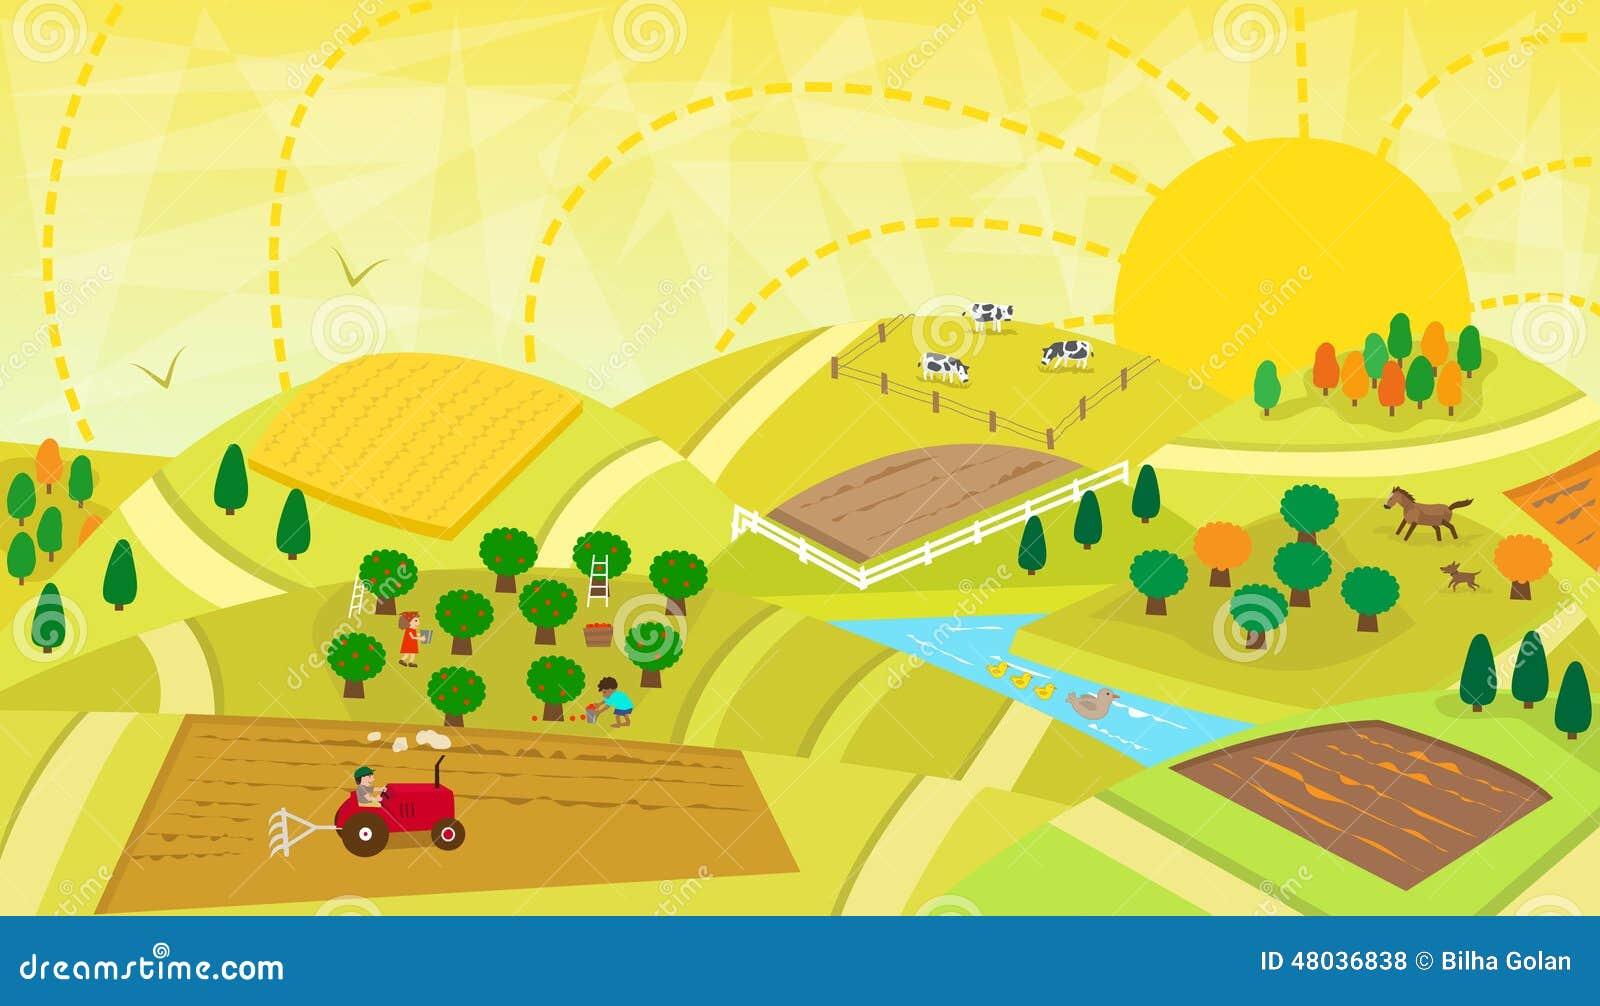 Paisaje rural ilustraci n del vector imagen 48036838 - Dibujos infantiles del espacio ...